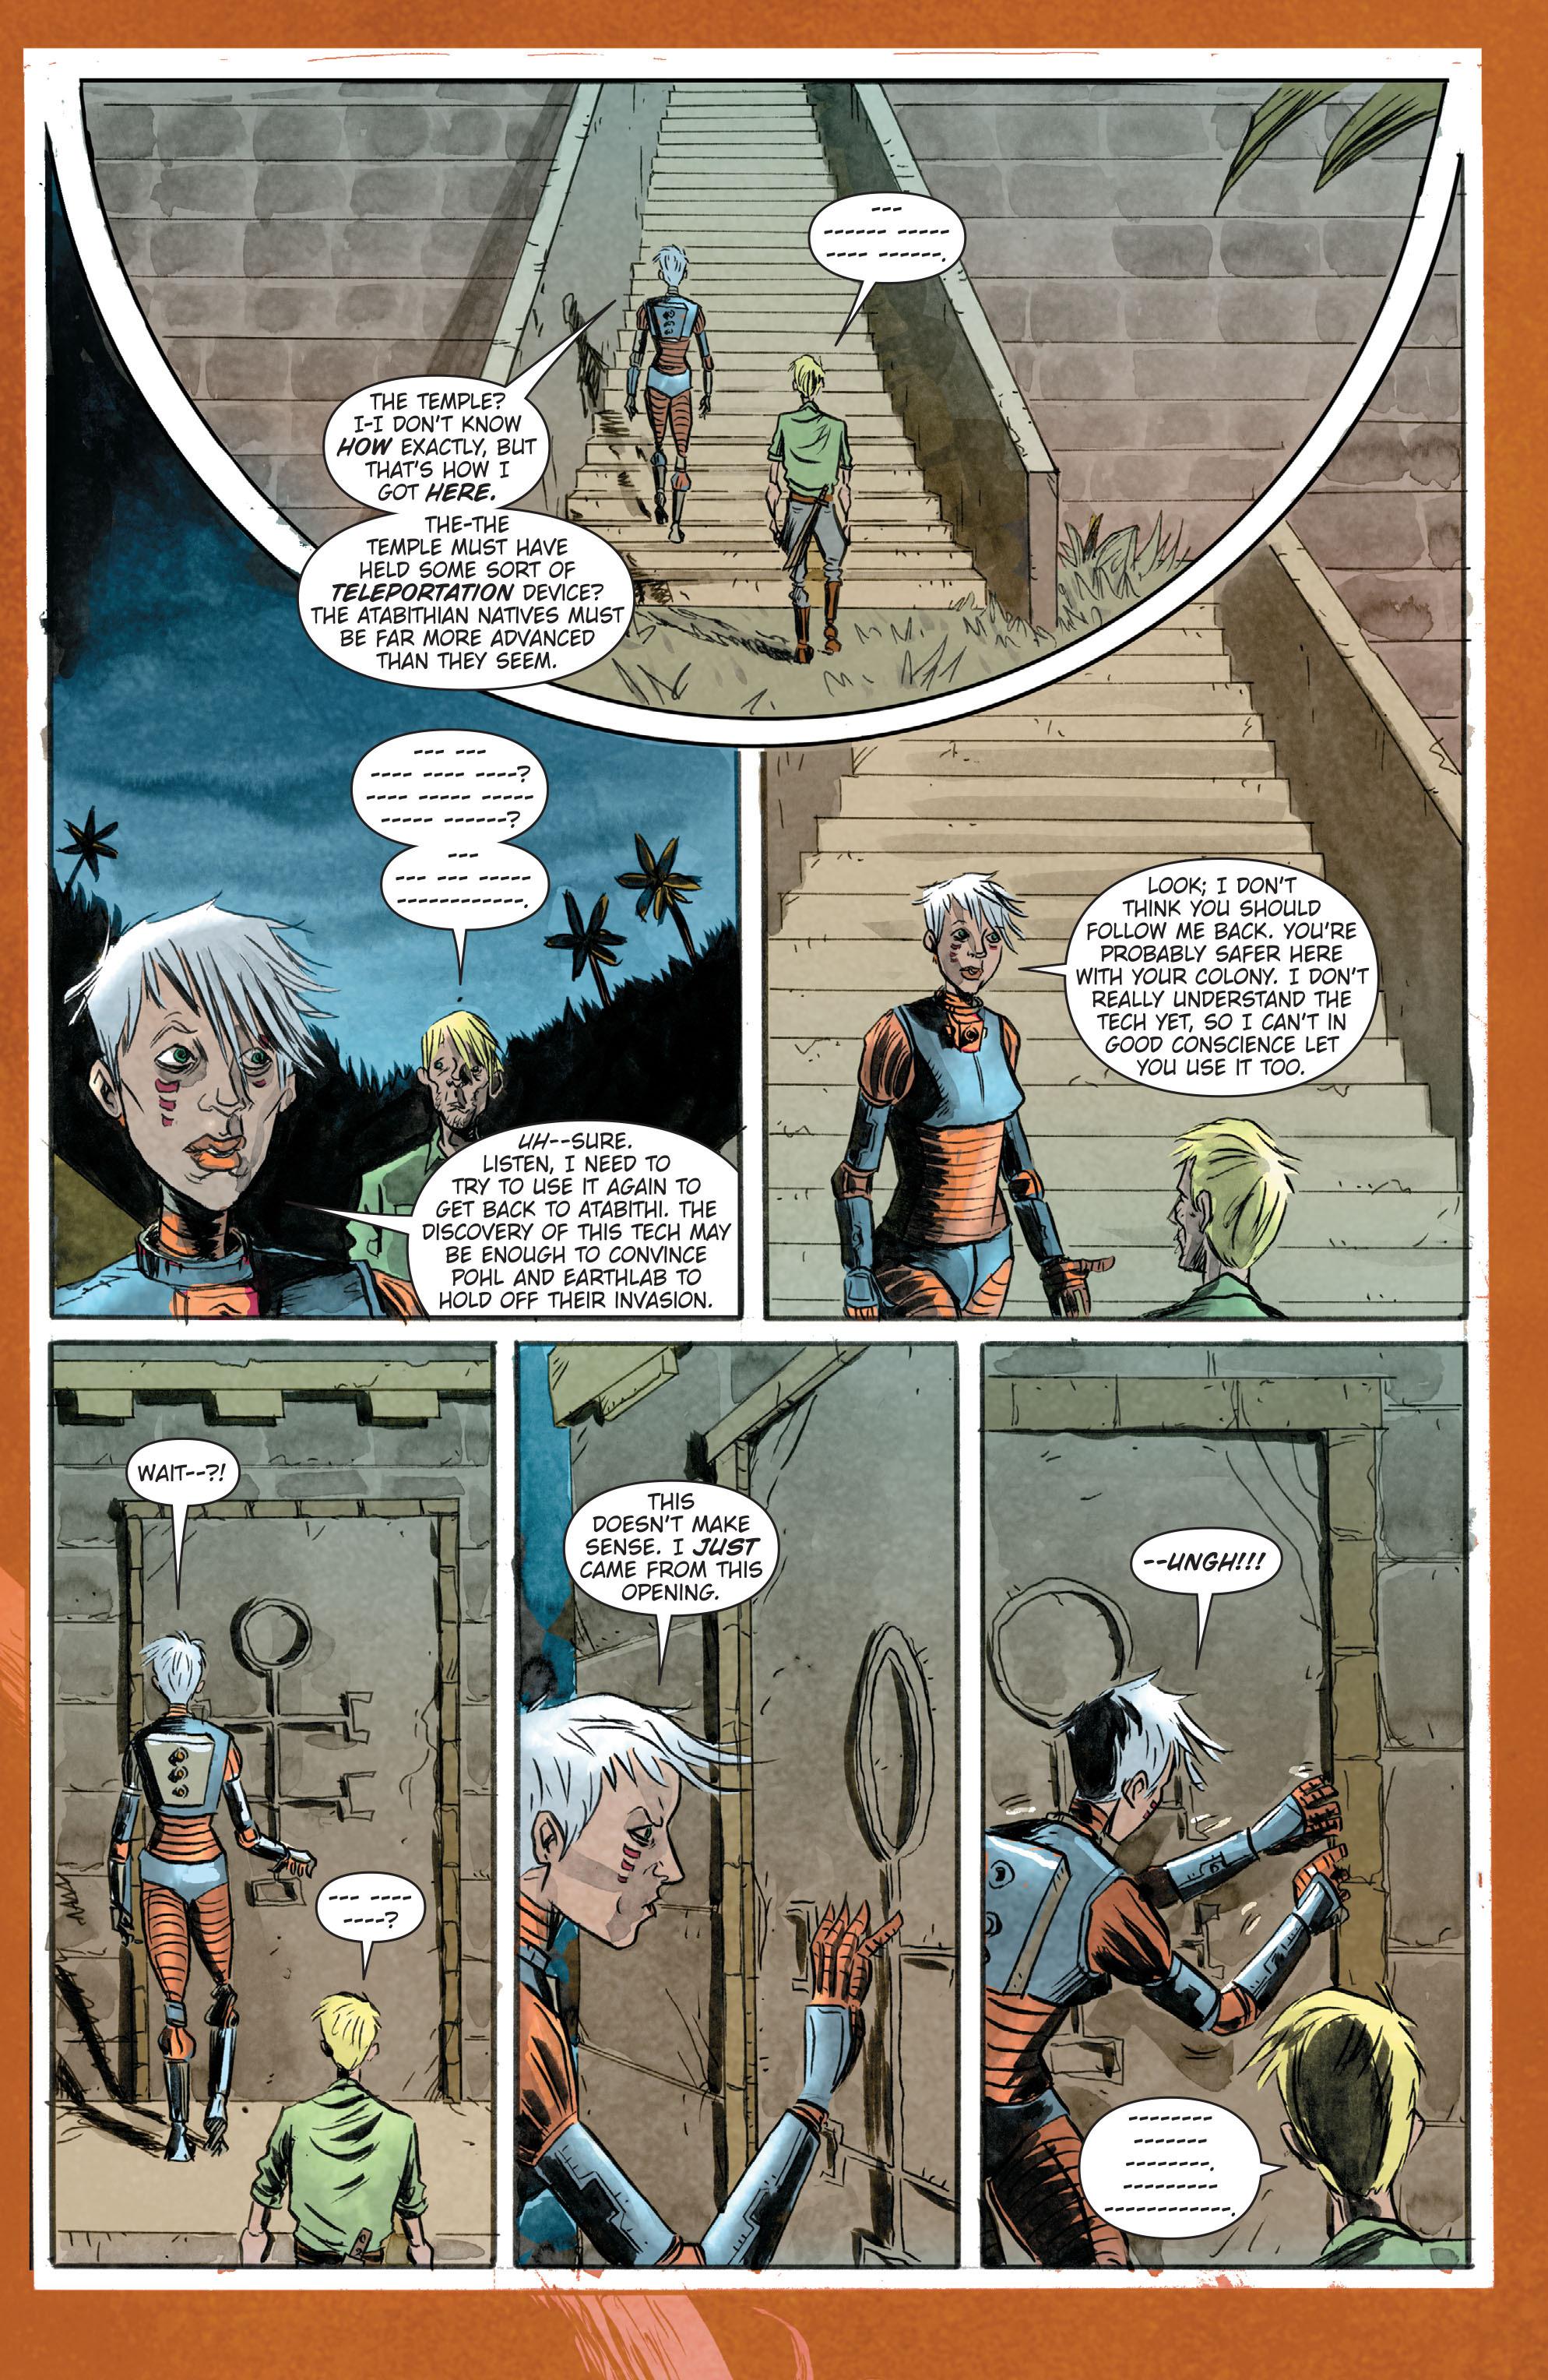 Read online Trillium comic -  Issue # TPB - 40